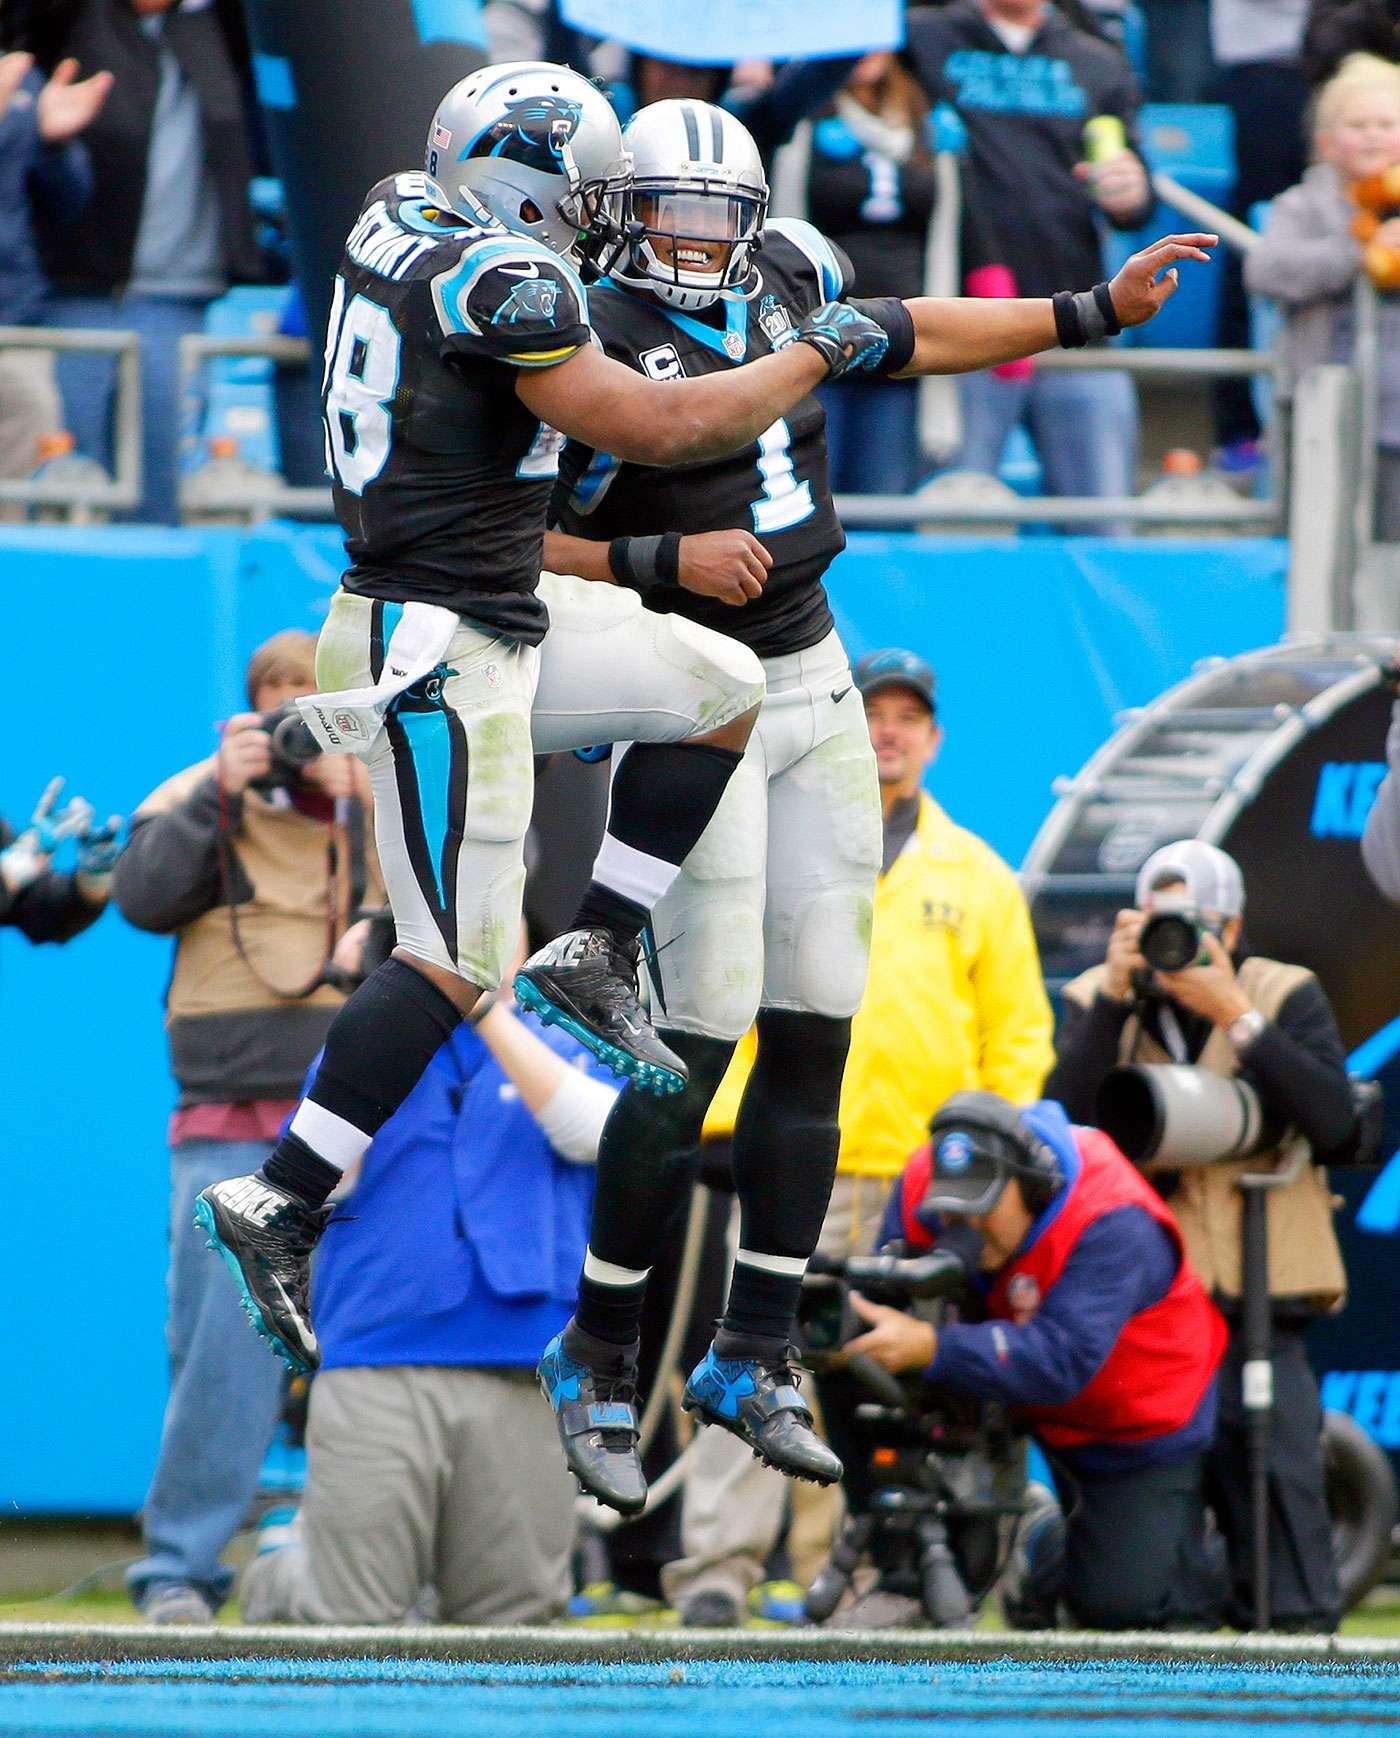 Jonathan Stewart (28) y su compañero Cam Newton, de los Panthers de Carolina, saltan para festejar luego que el primero logró un touchdown contra los Browns de Cleveland, en el partido del domingo 21 de diciembre de 2014 Foto: Bob Leverone/AP